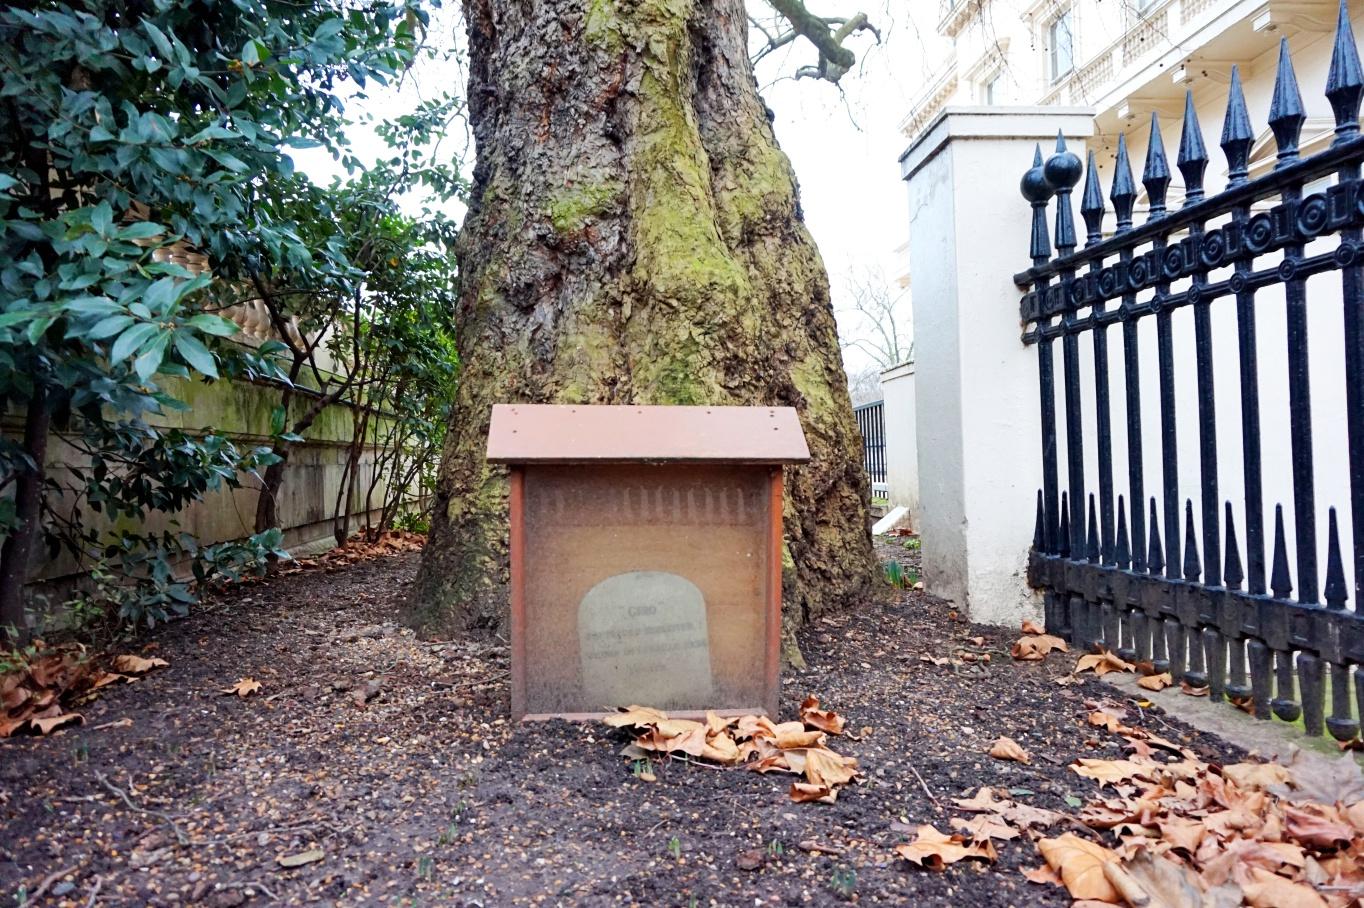 batch_Sandemans Free Walking Tour London_9